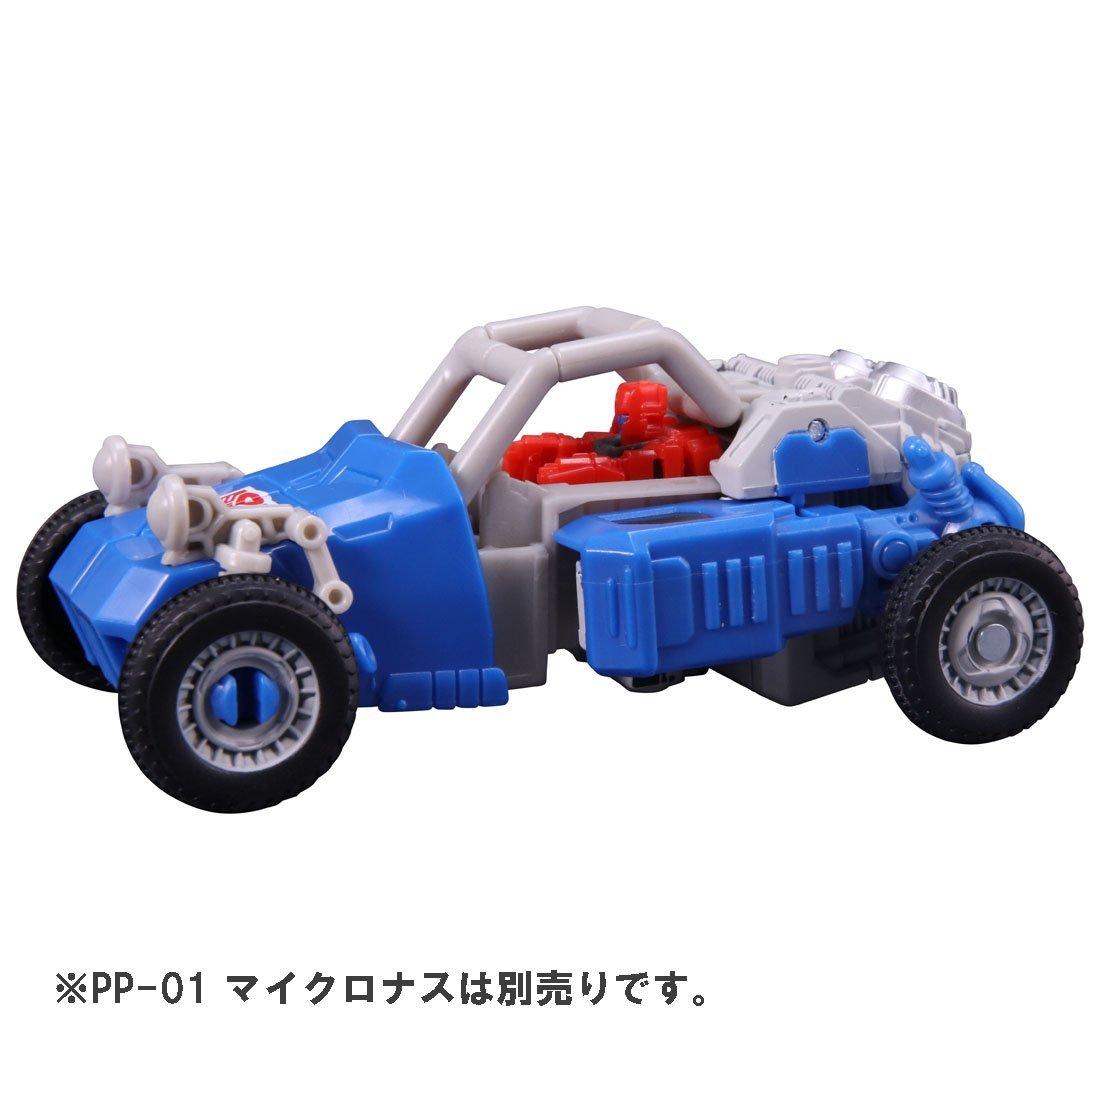 トランスフォーマー パワーオブザプライム PP-06 ビーチコンバー-003